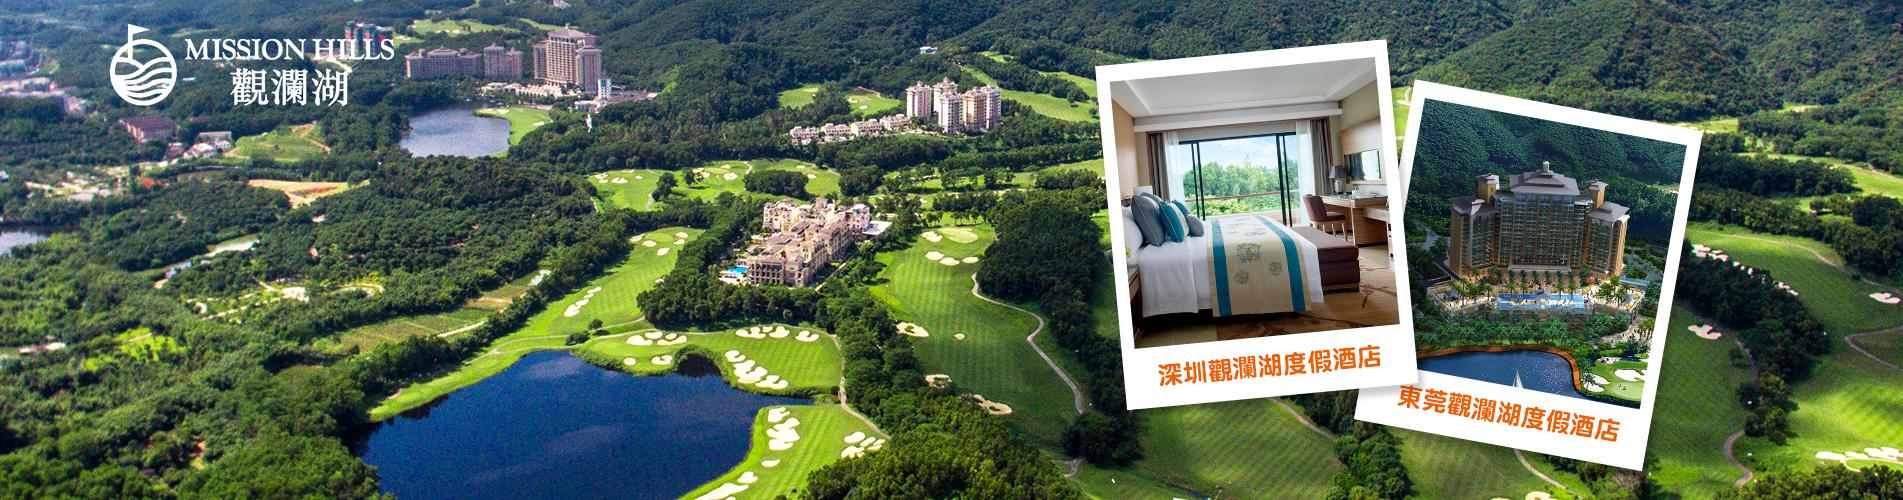 中國短線旅遊 - 觀瀾湖繽紛親子度假套餐